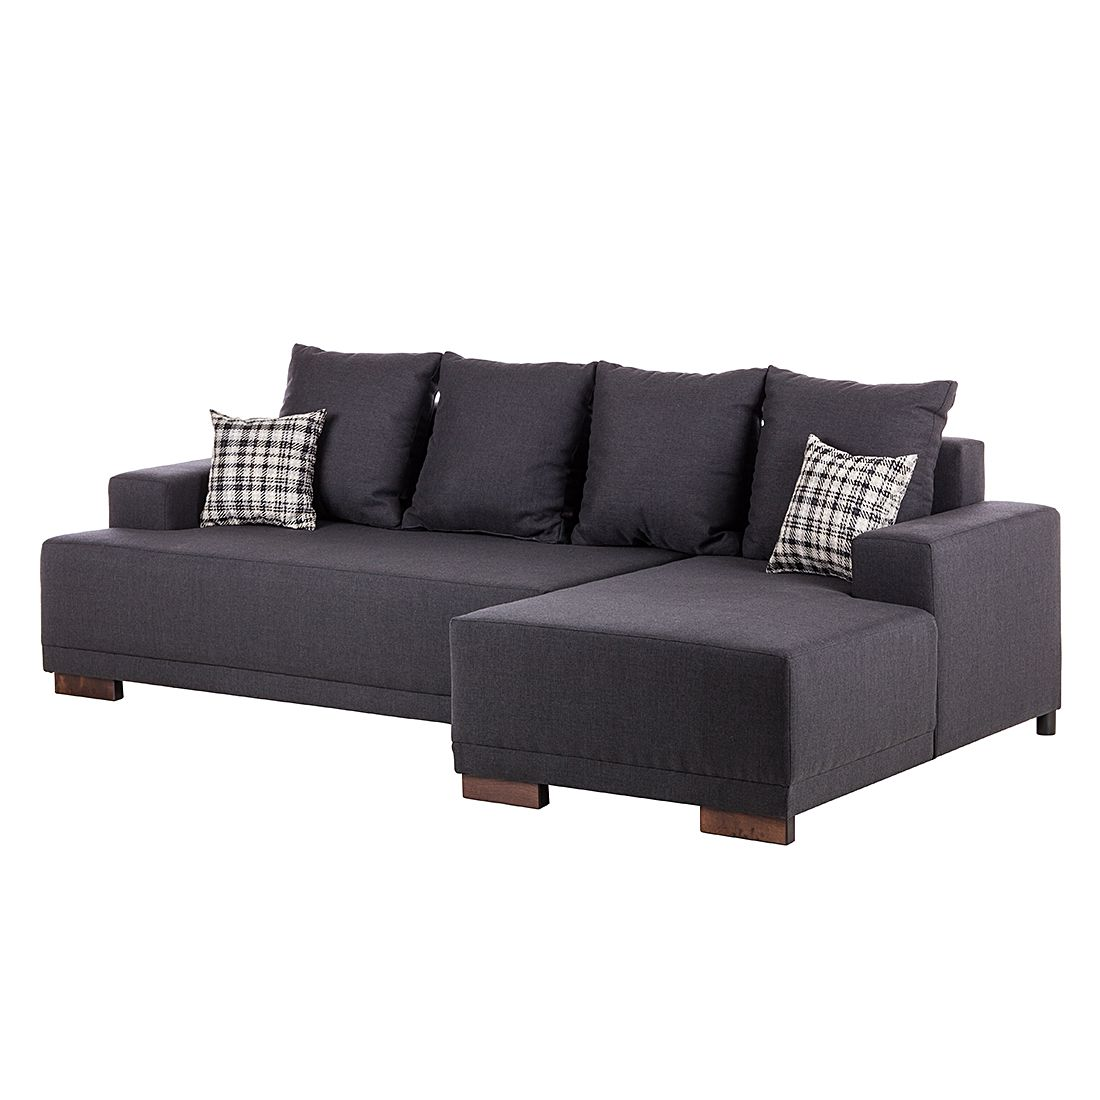 ecksofas archives. Black Bedroom Furniture Sets. Home Design Ideas